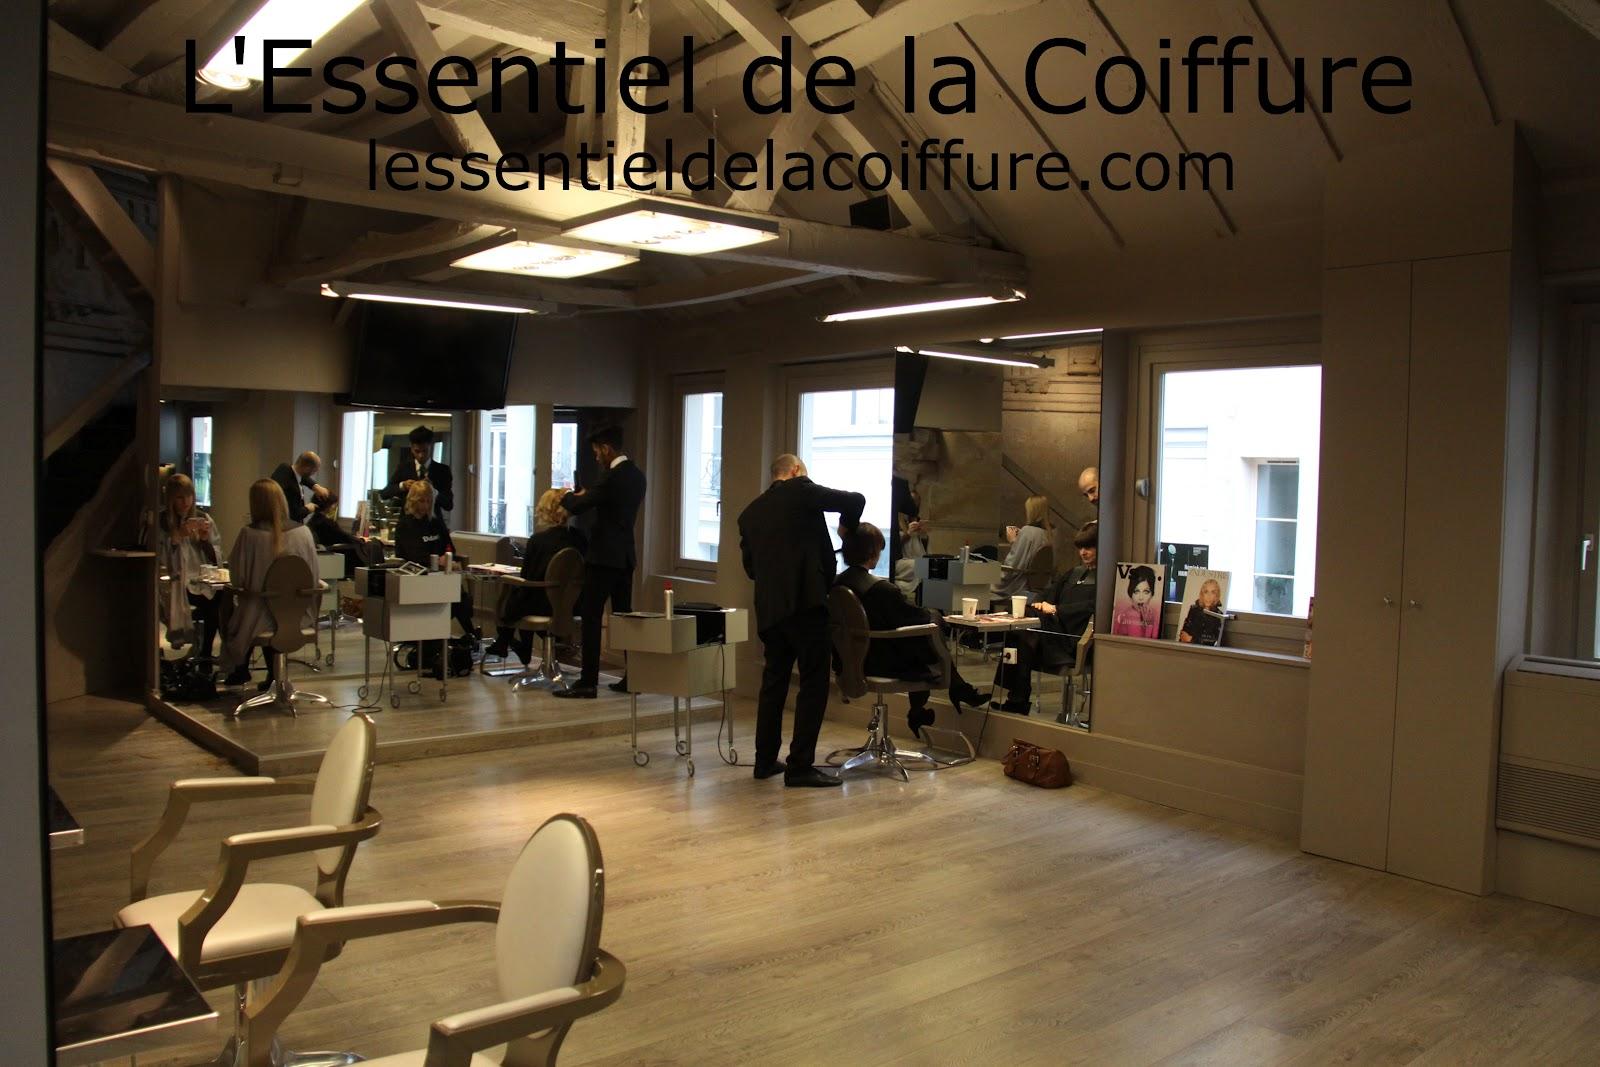 Les meilleurs salons de coiffure paris coiffures la for Salon de coiffure brive